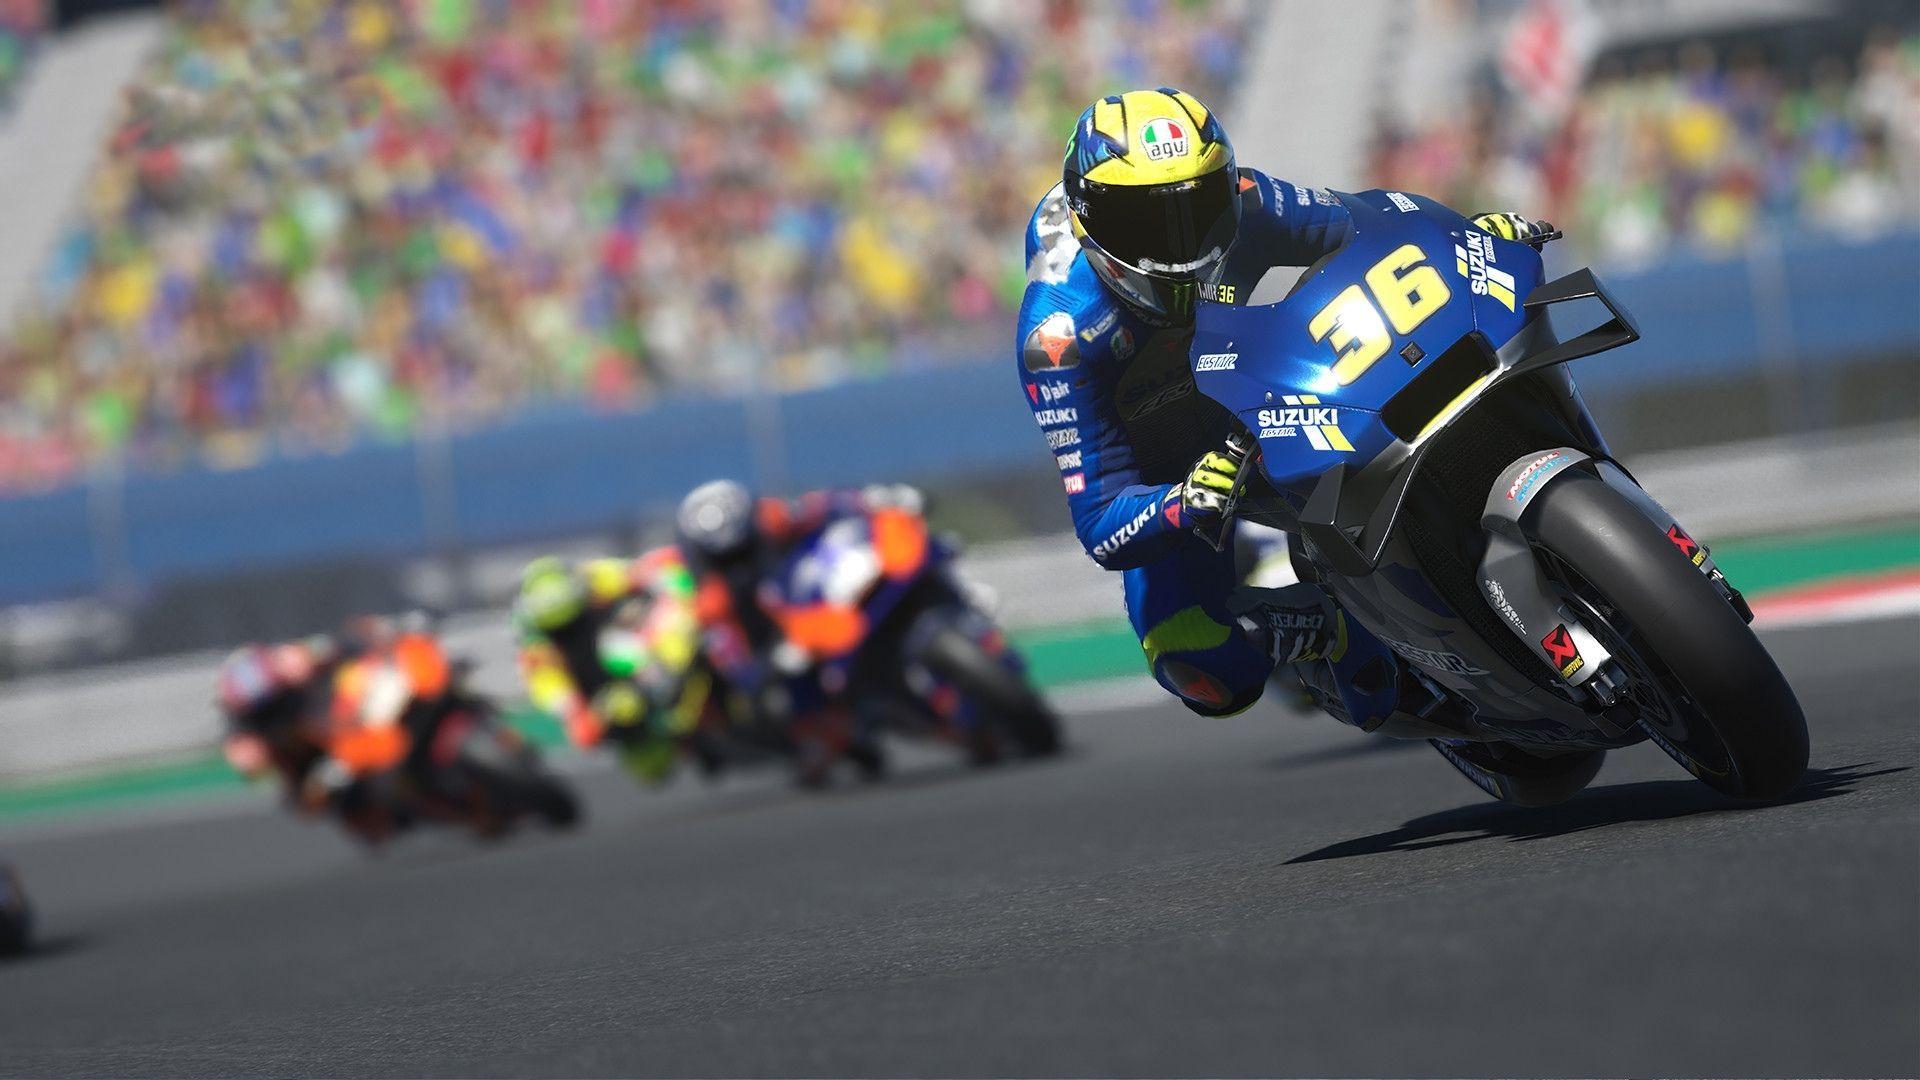 MotoGP 20 traz diferentes estilos de corrida reunidos em um único jogo de moto (Foto: Divulgação/Milestone)